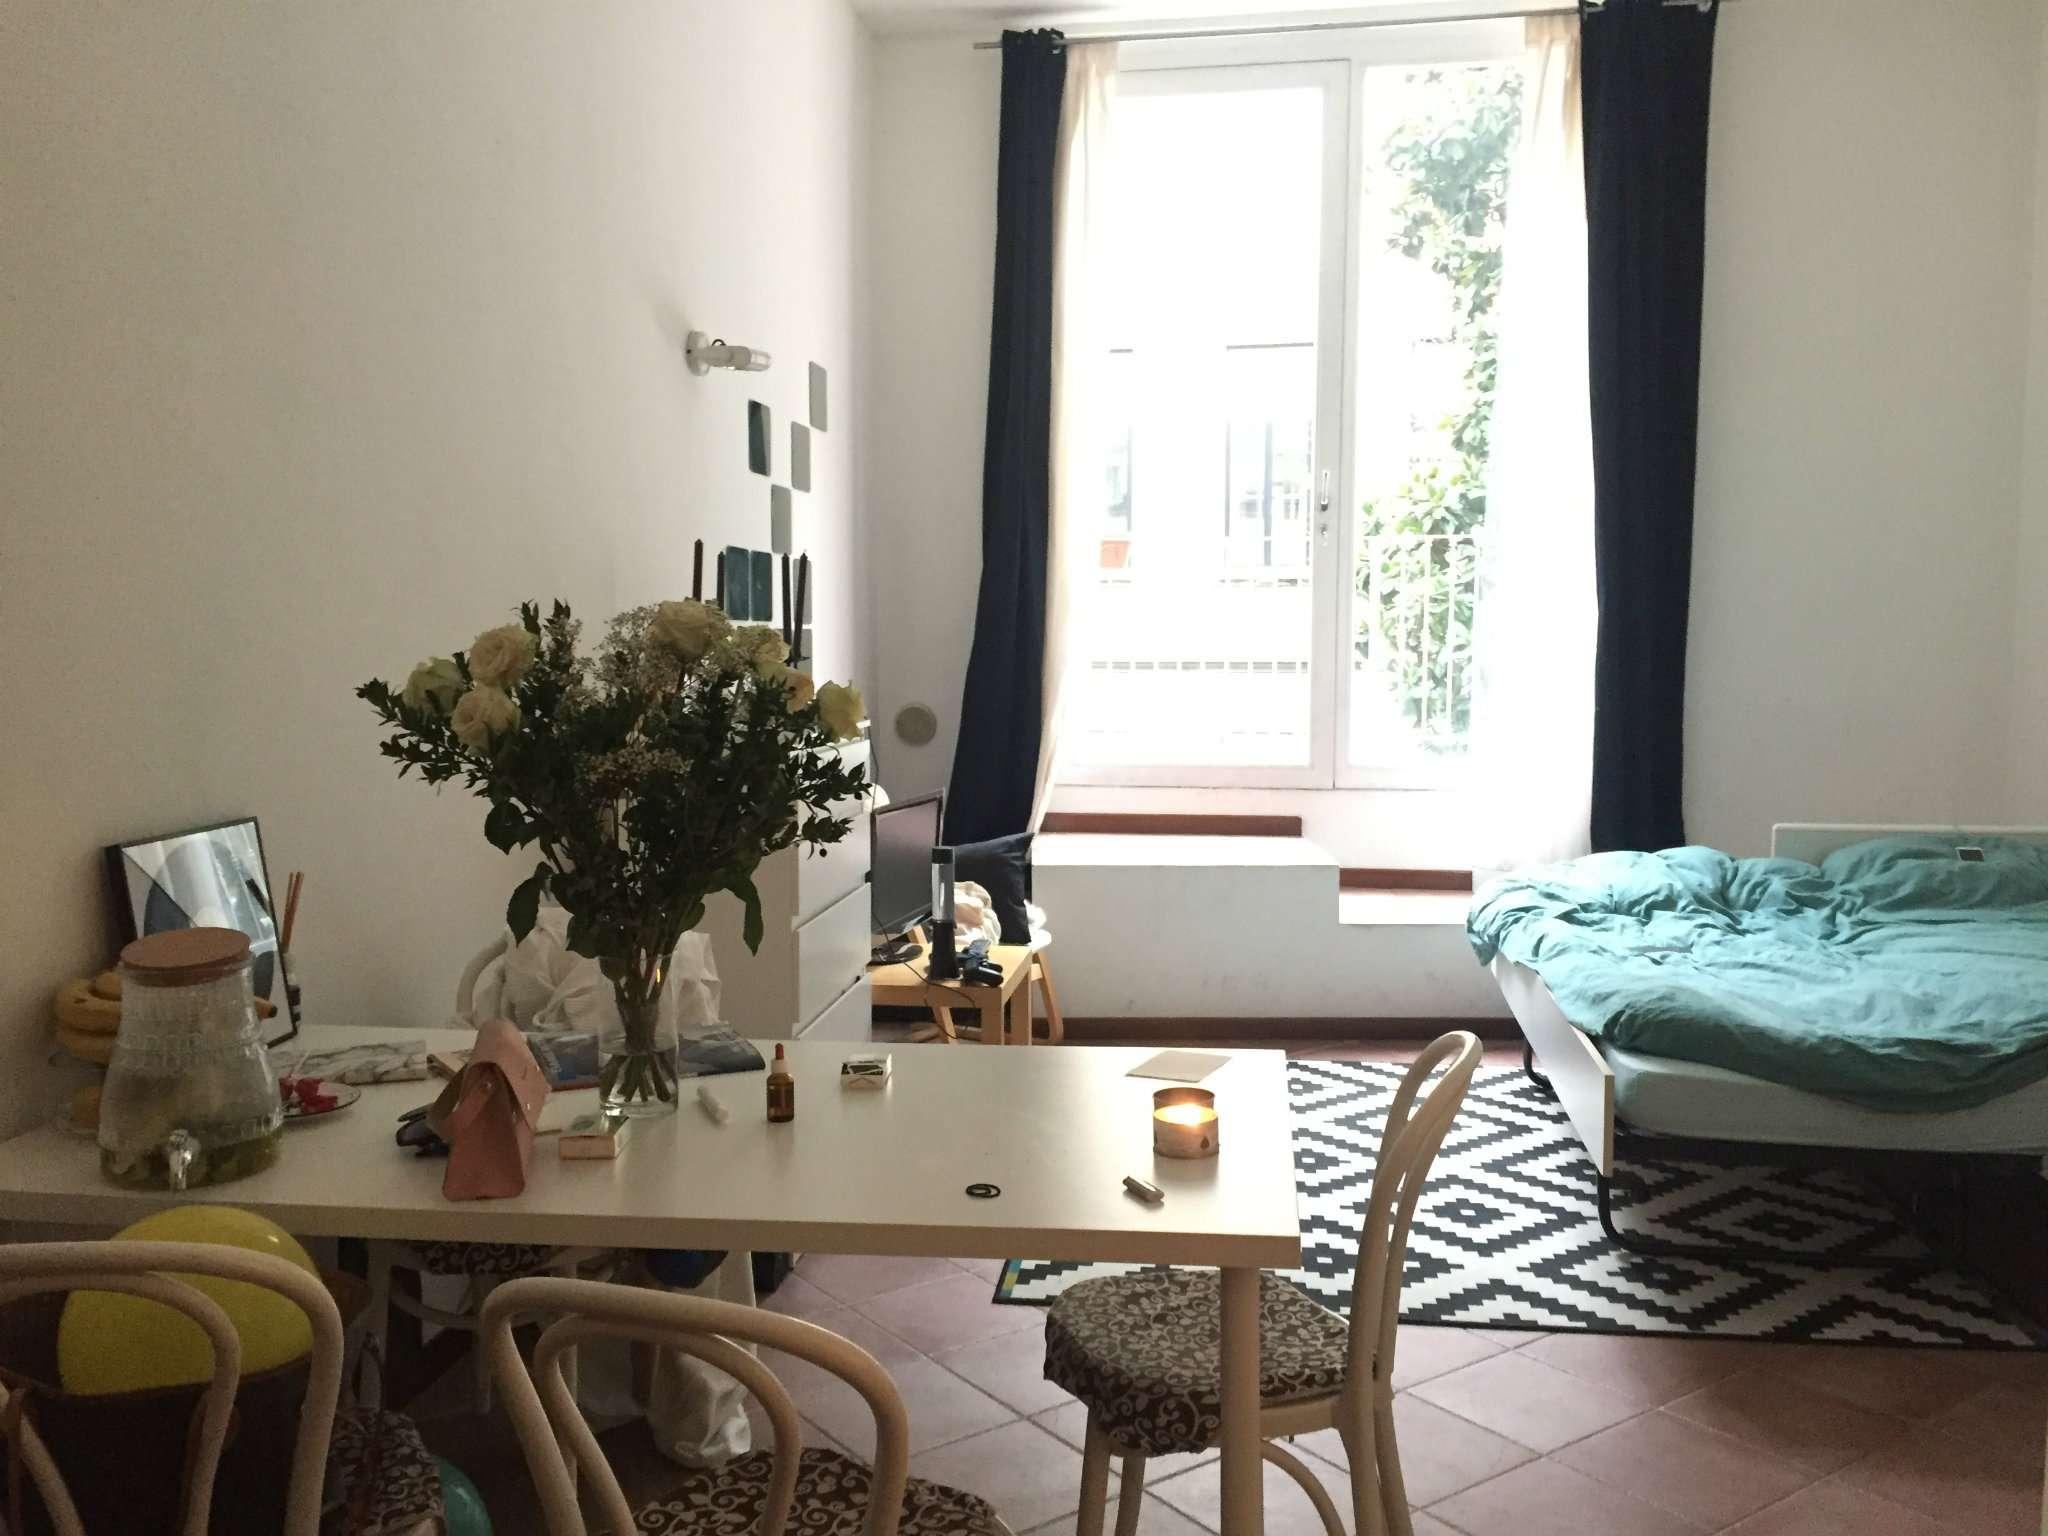 Appartamento in affitto a Milano, 1 locali, zona Zona: 1 . Centro Storico, Duomo, Brera, Cadorna, Cattolica, prezzo € 880 | CambioCasa.it